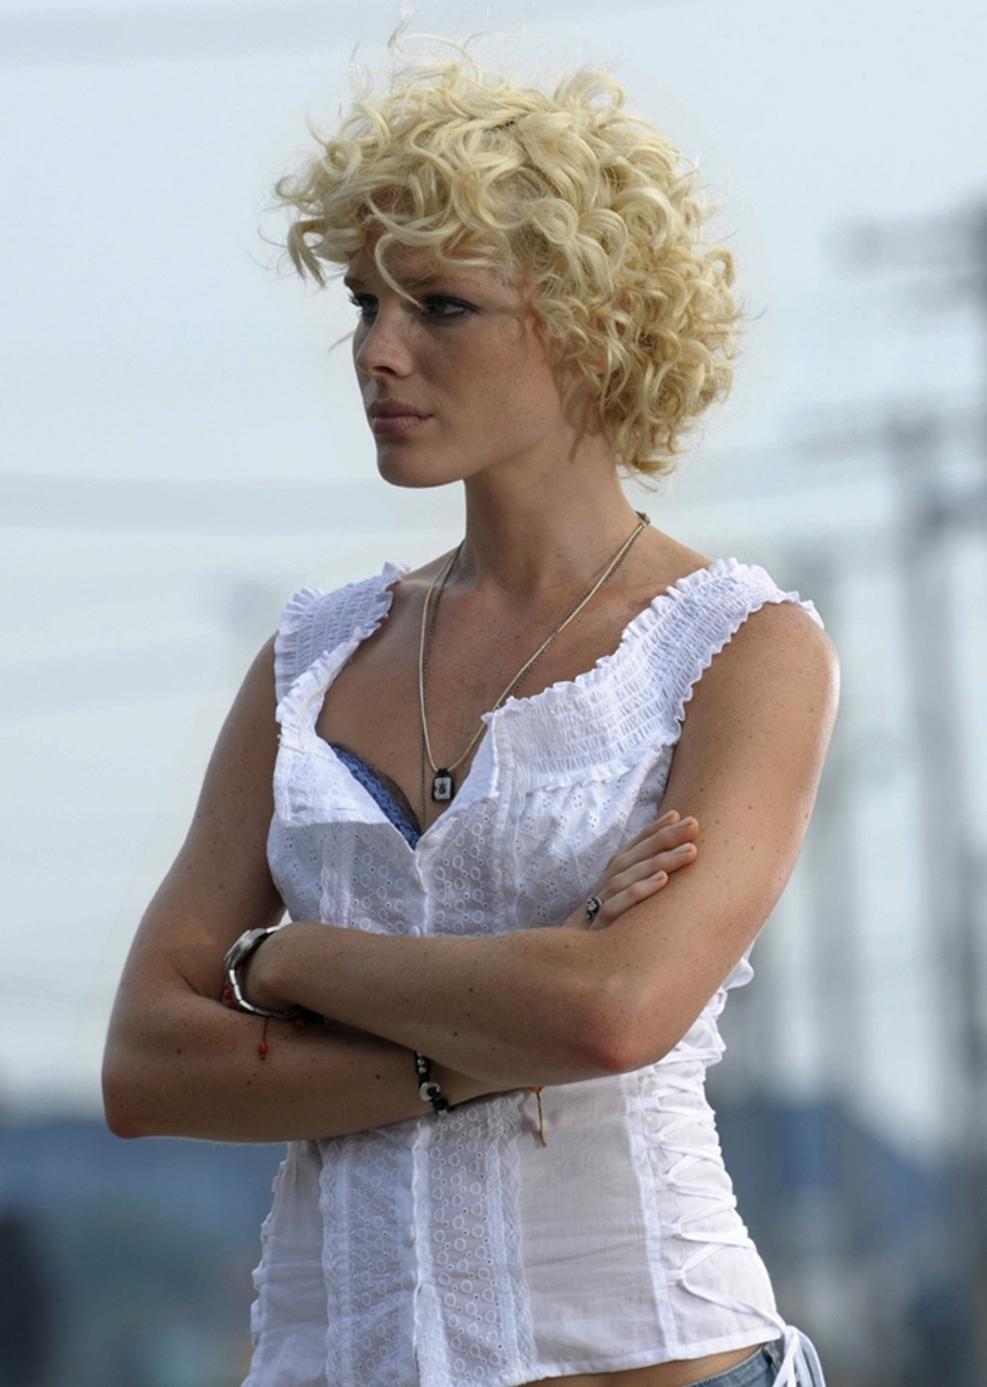 Pat Carroll (actress),Anna Shaffer Adult photos Miriam Kantorkova,Dannielle Brent (born 1979)